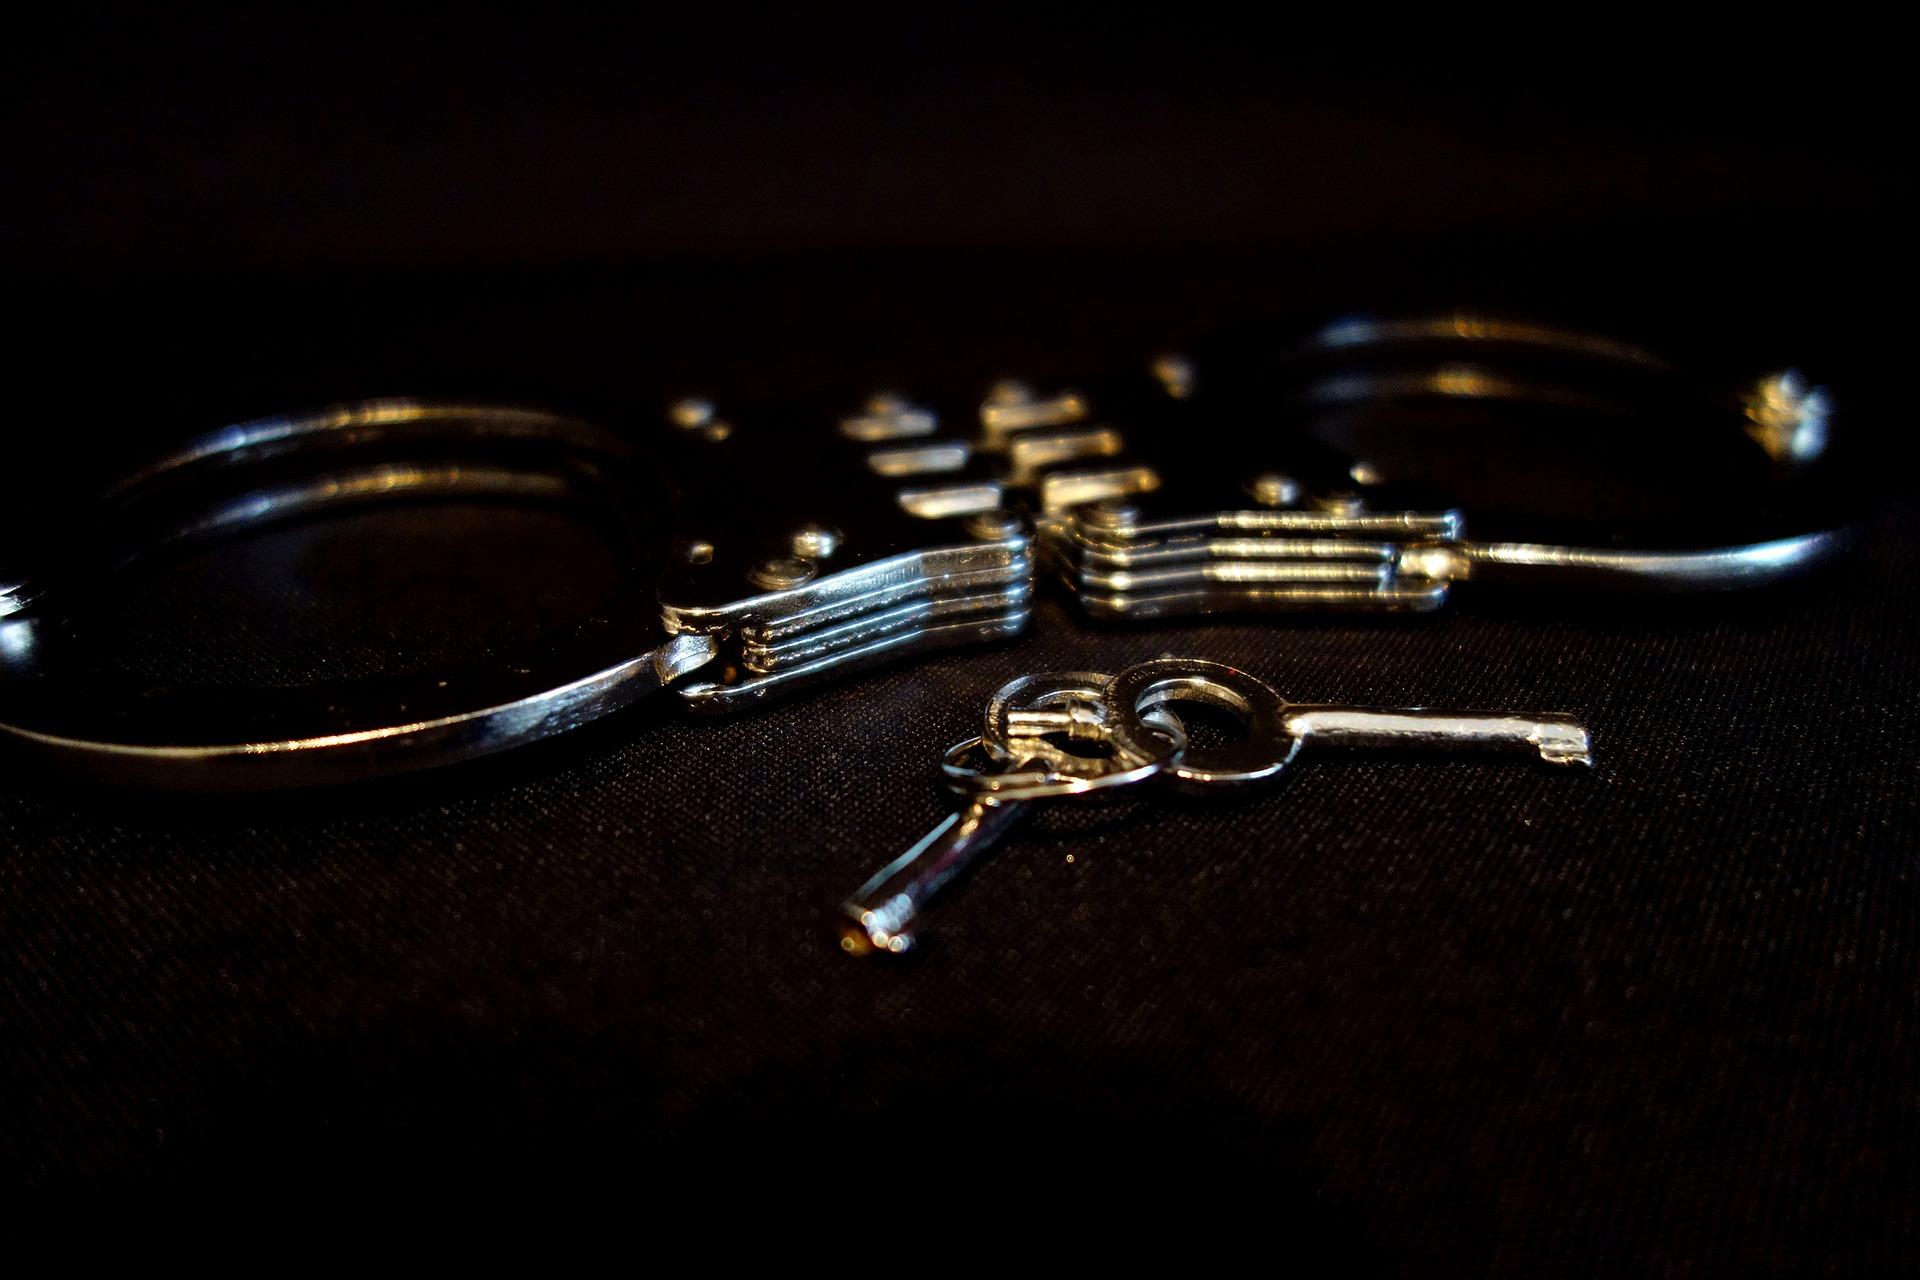 Handschellen und die Schlüssel dazu